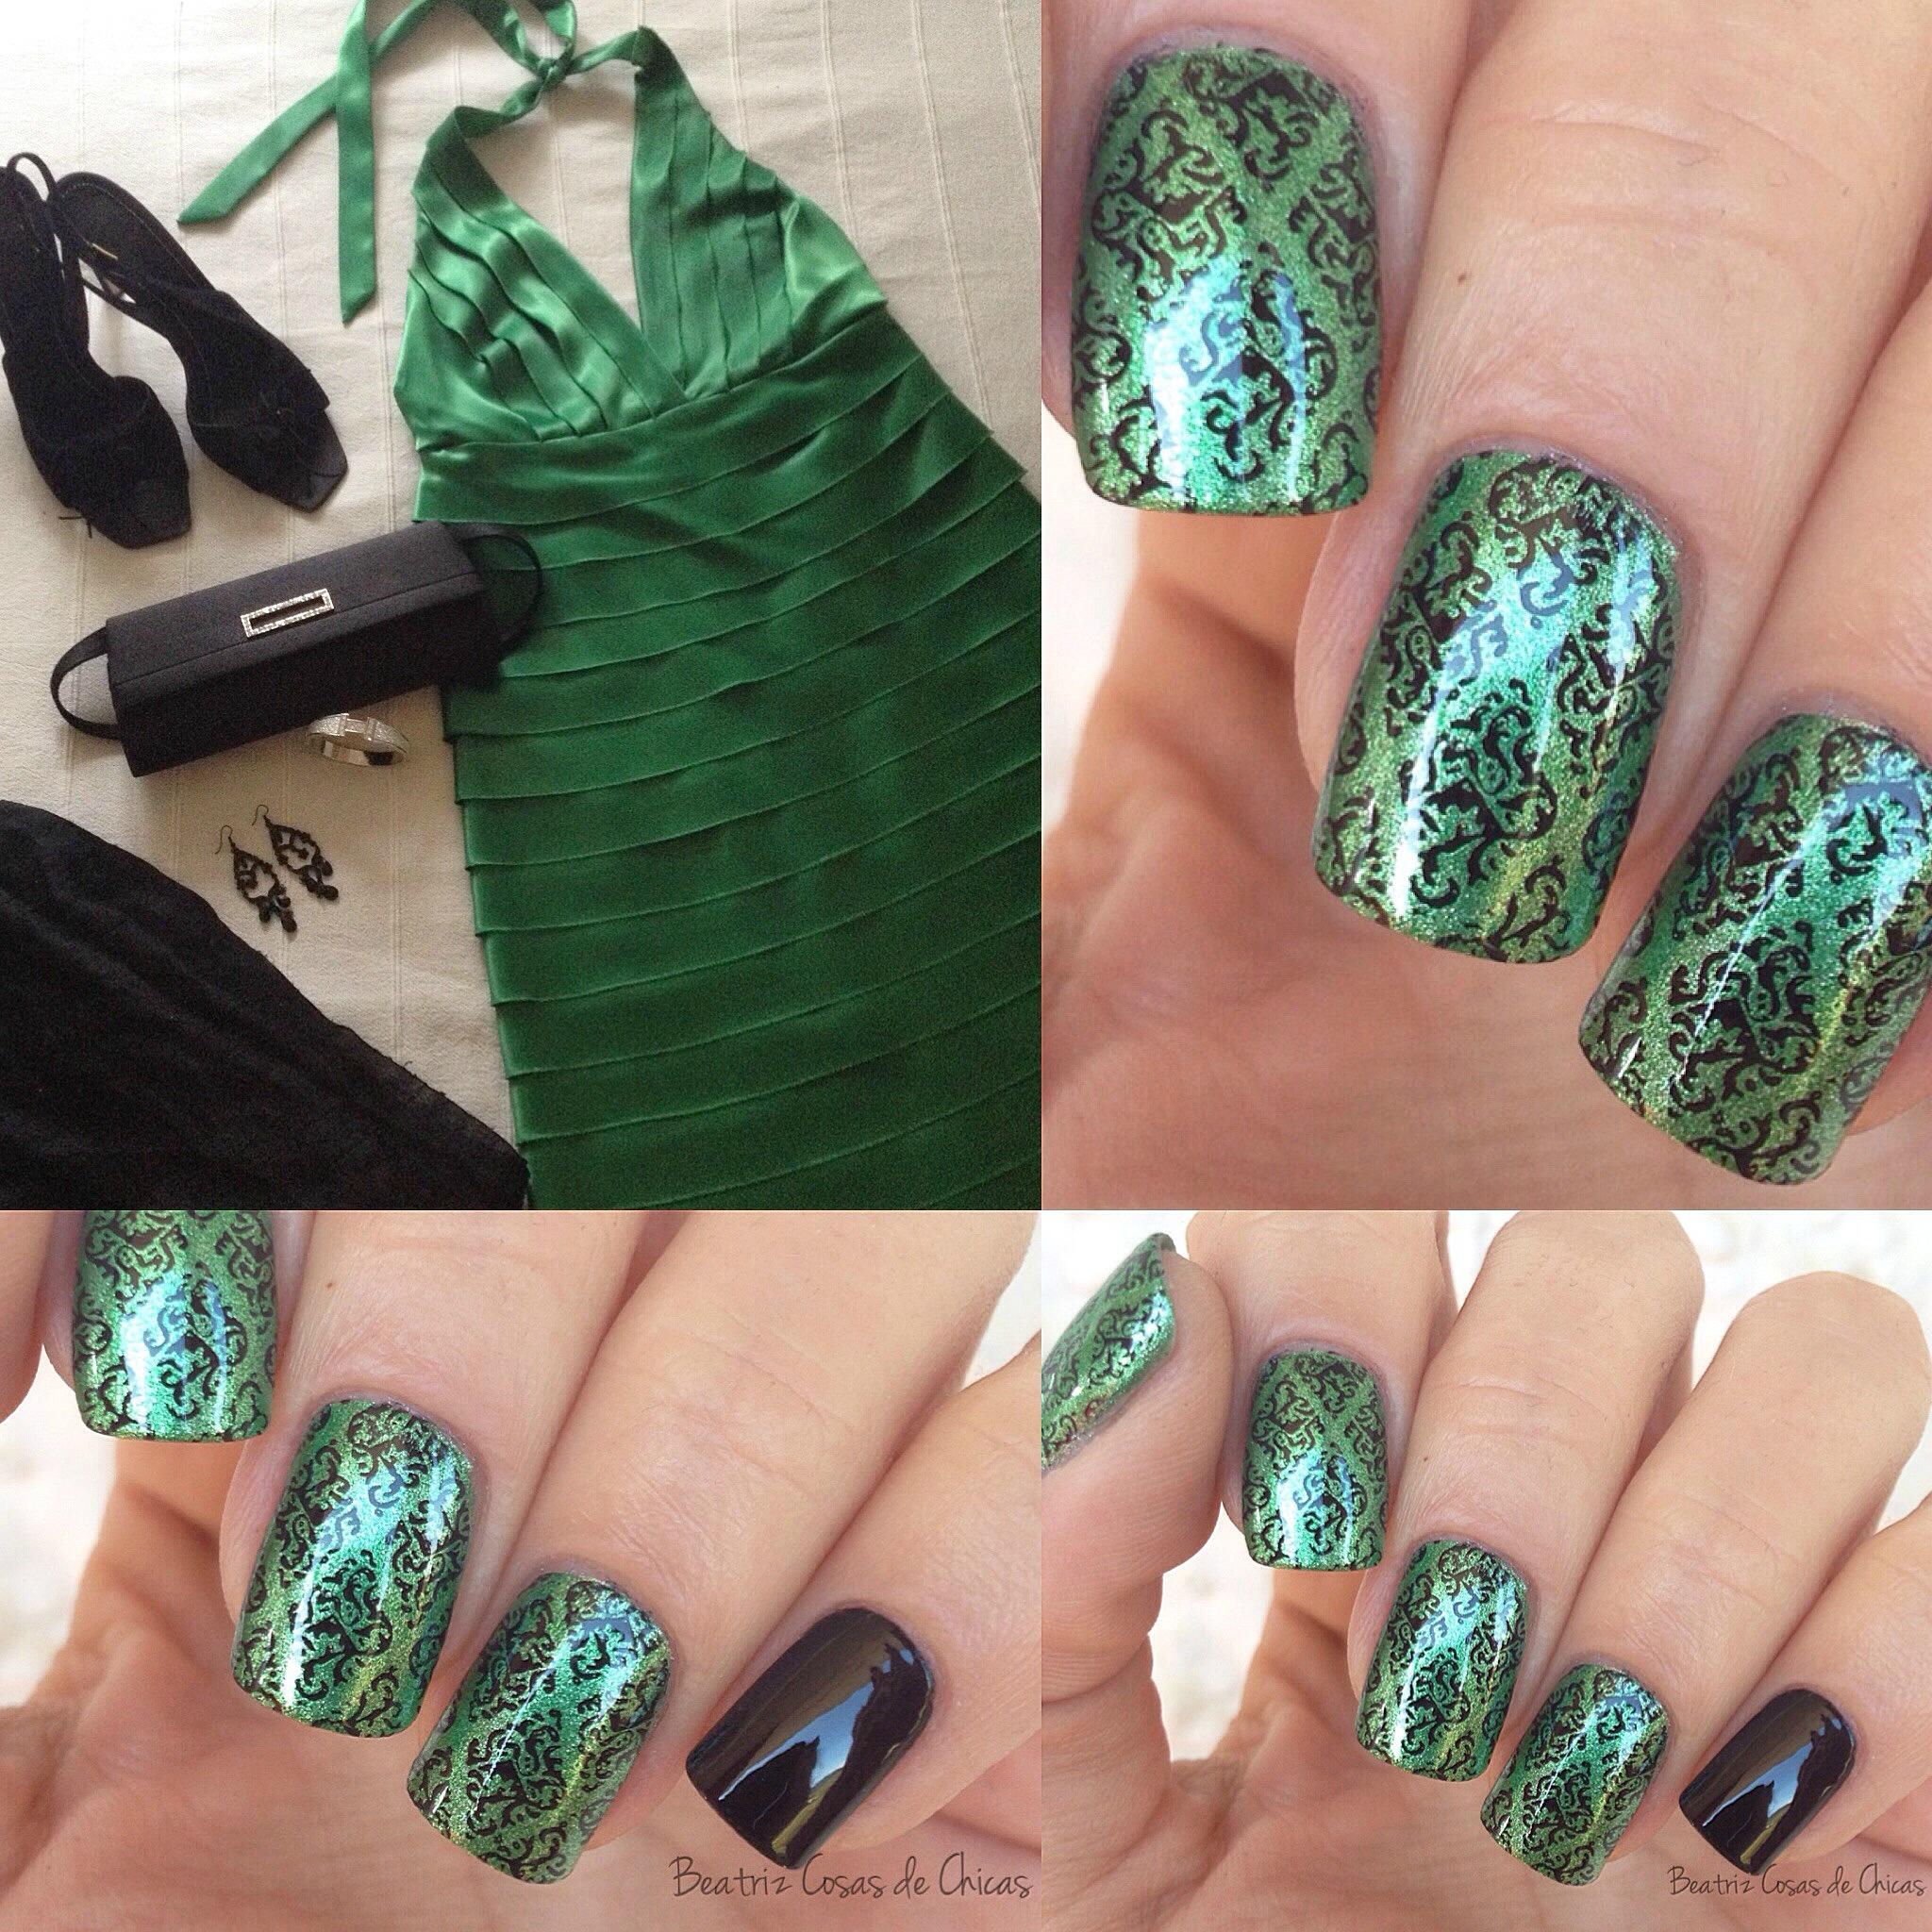 Manicura en Verde con Yesensy | Beatriz Cosas de Chicas